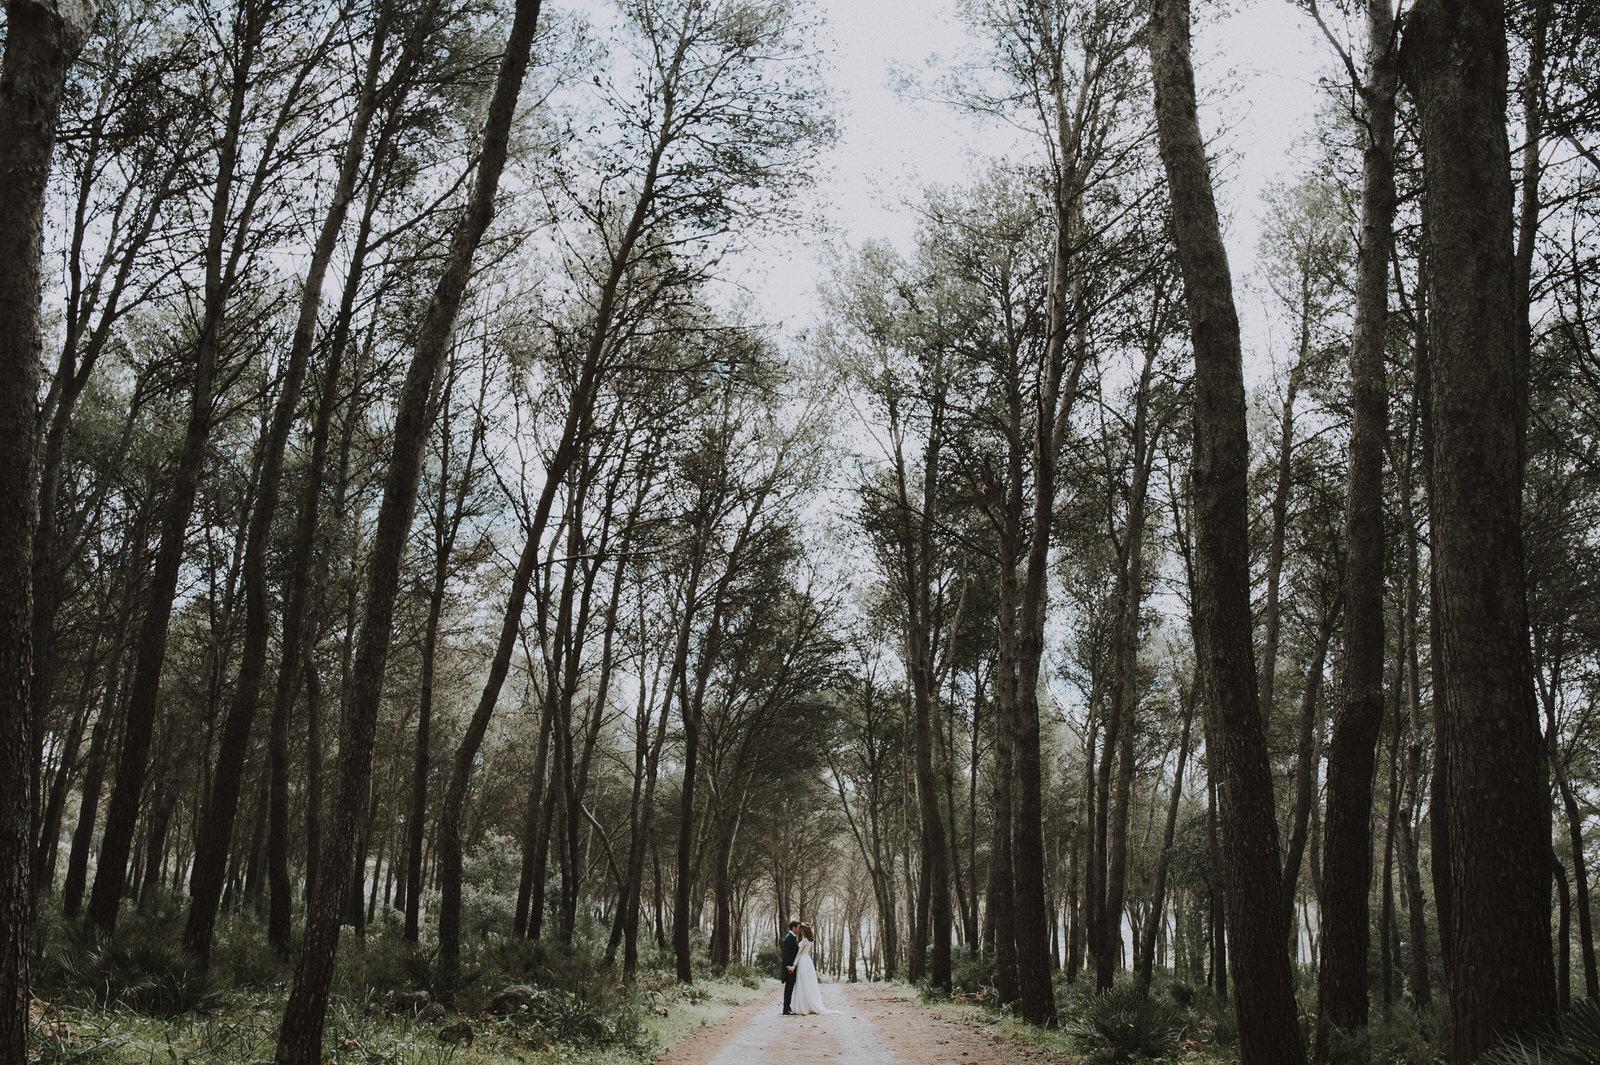 postboda en montellano - Sevilla - bosque - montaña - fotógrafo Andrés Amarillo.jpg